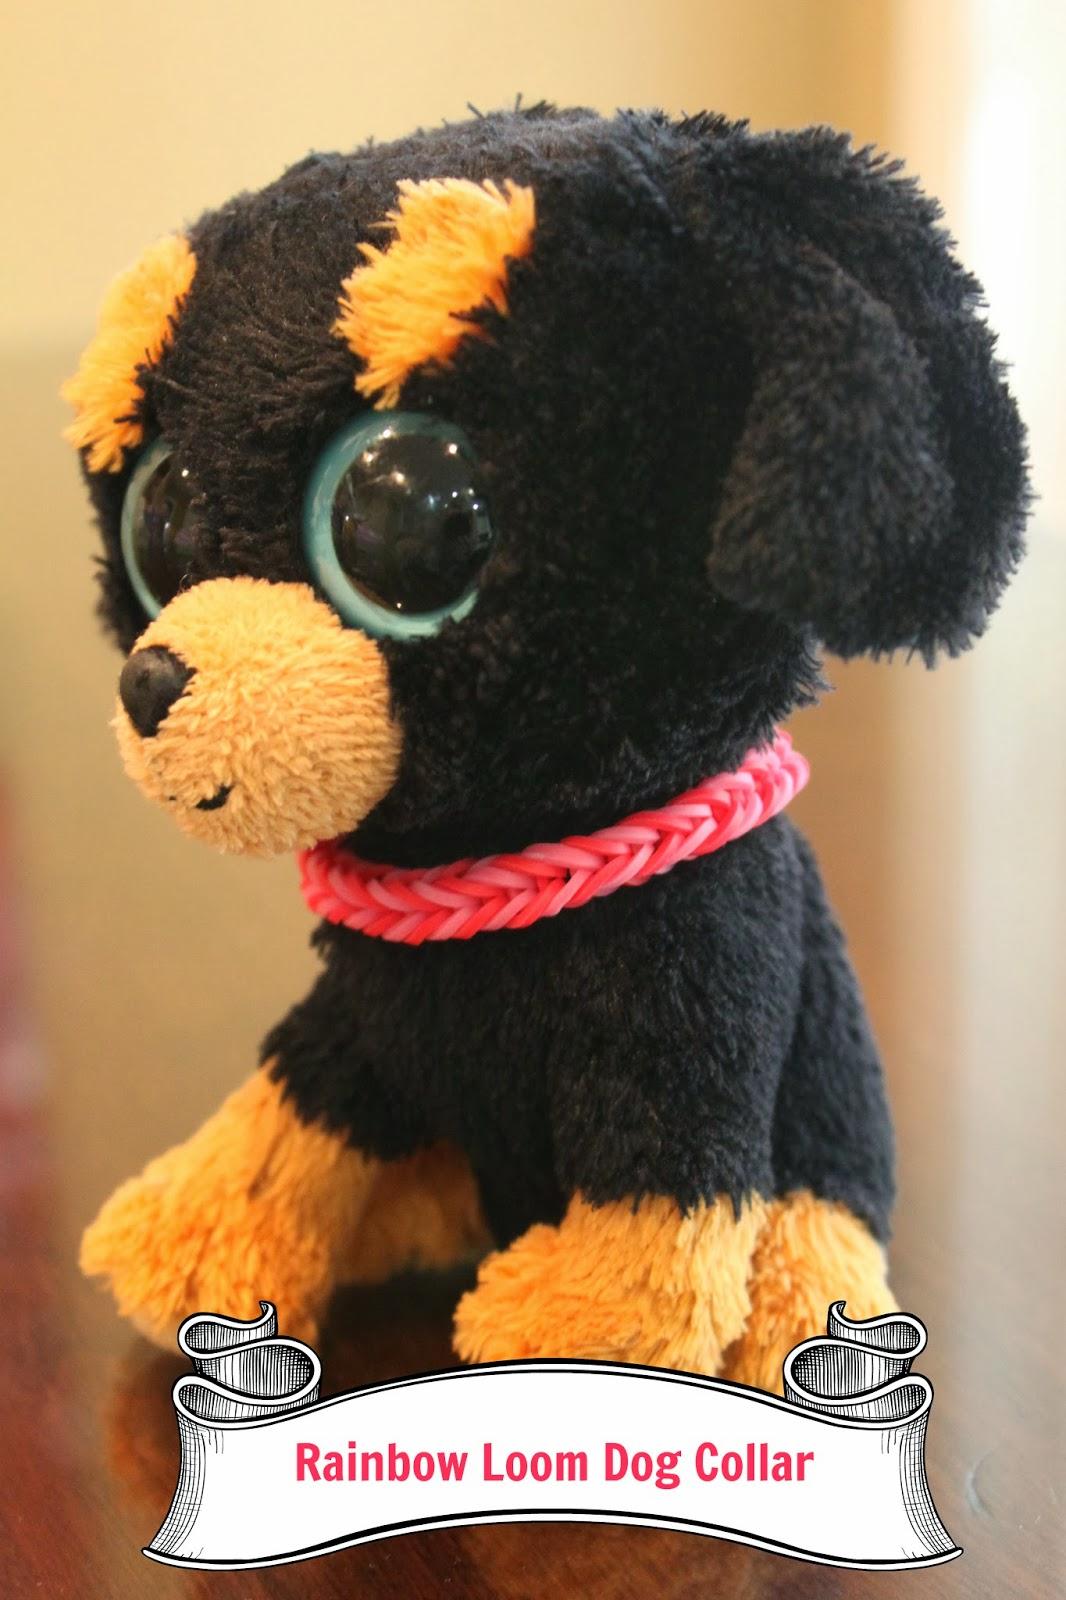 Rainbow Loom Dog Collar Ava wanted a dog collar for